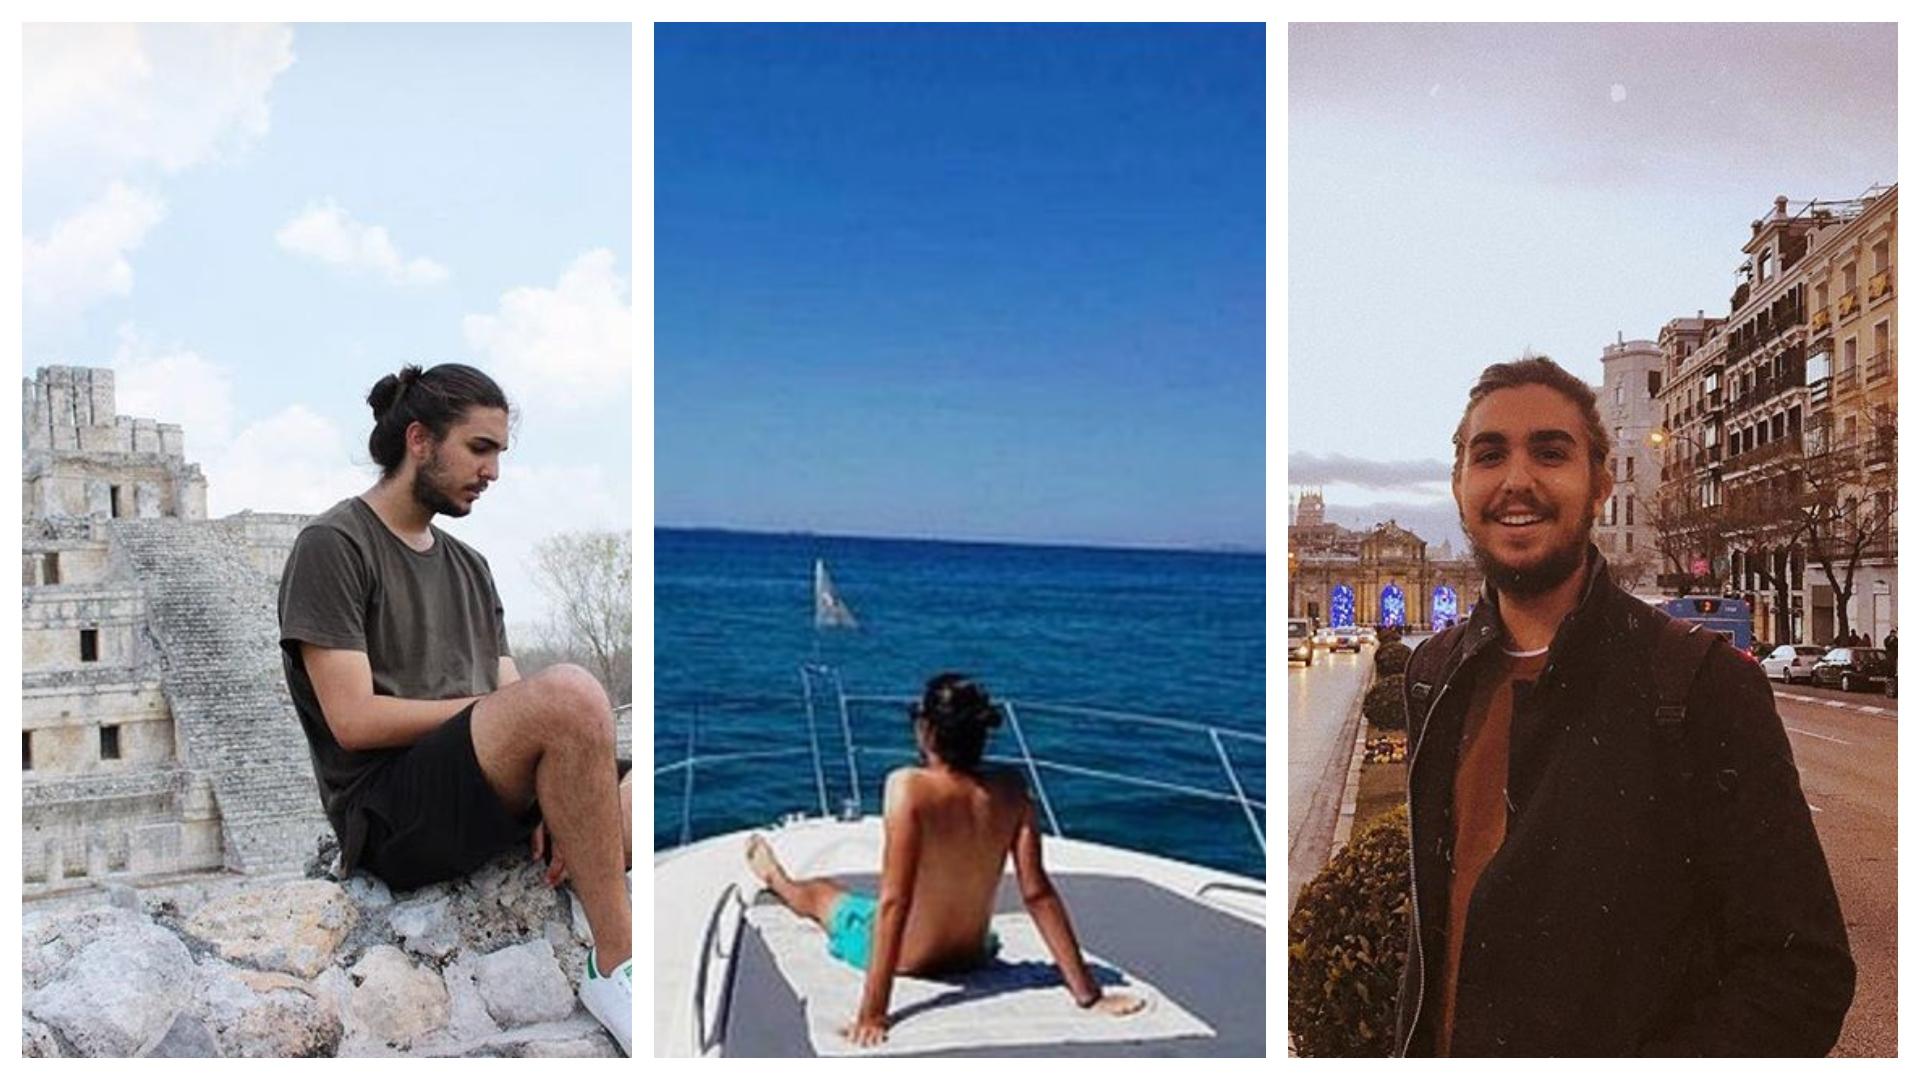 EL joven de 20 años alardea de sus viajes en sus redes sociales (Fotos: Instagram @tonycastro.u)